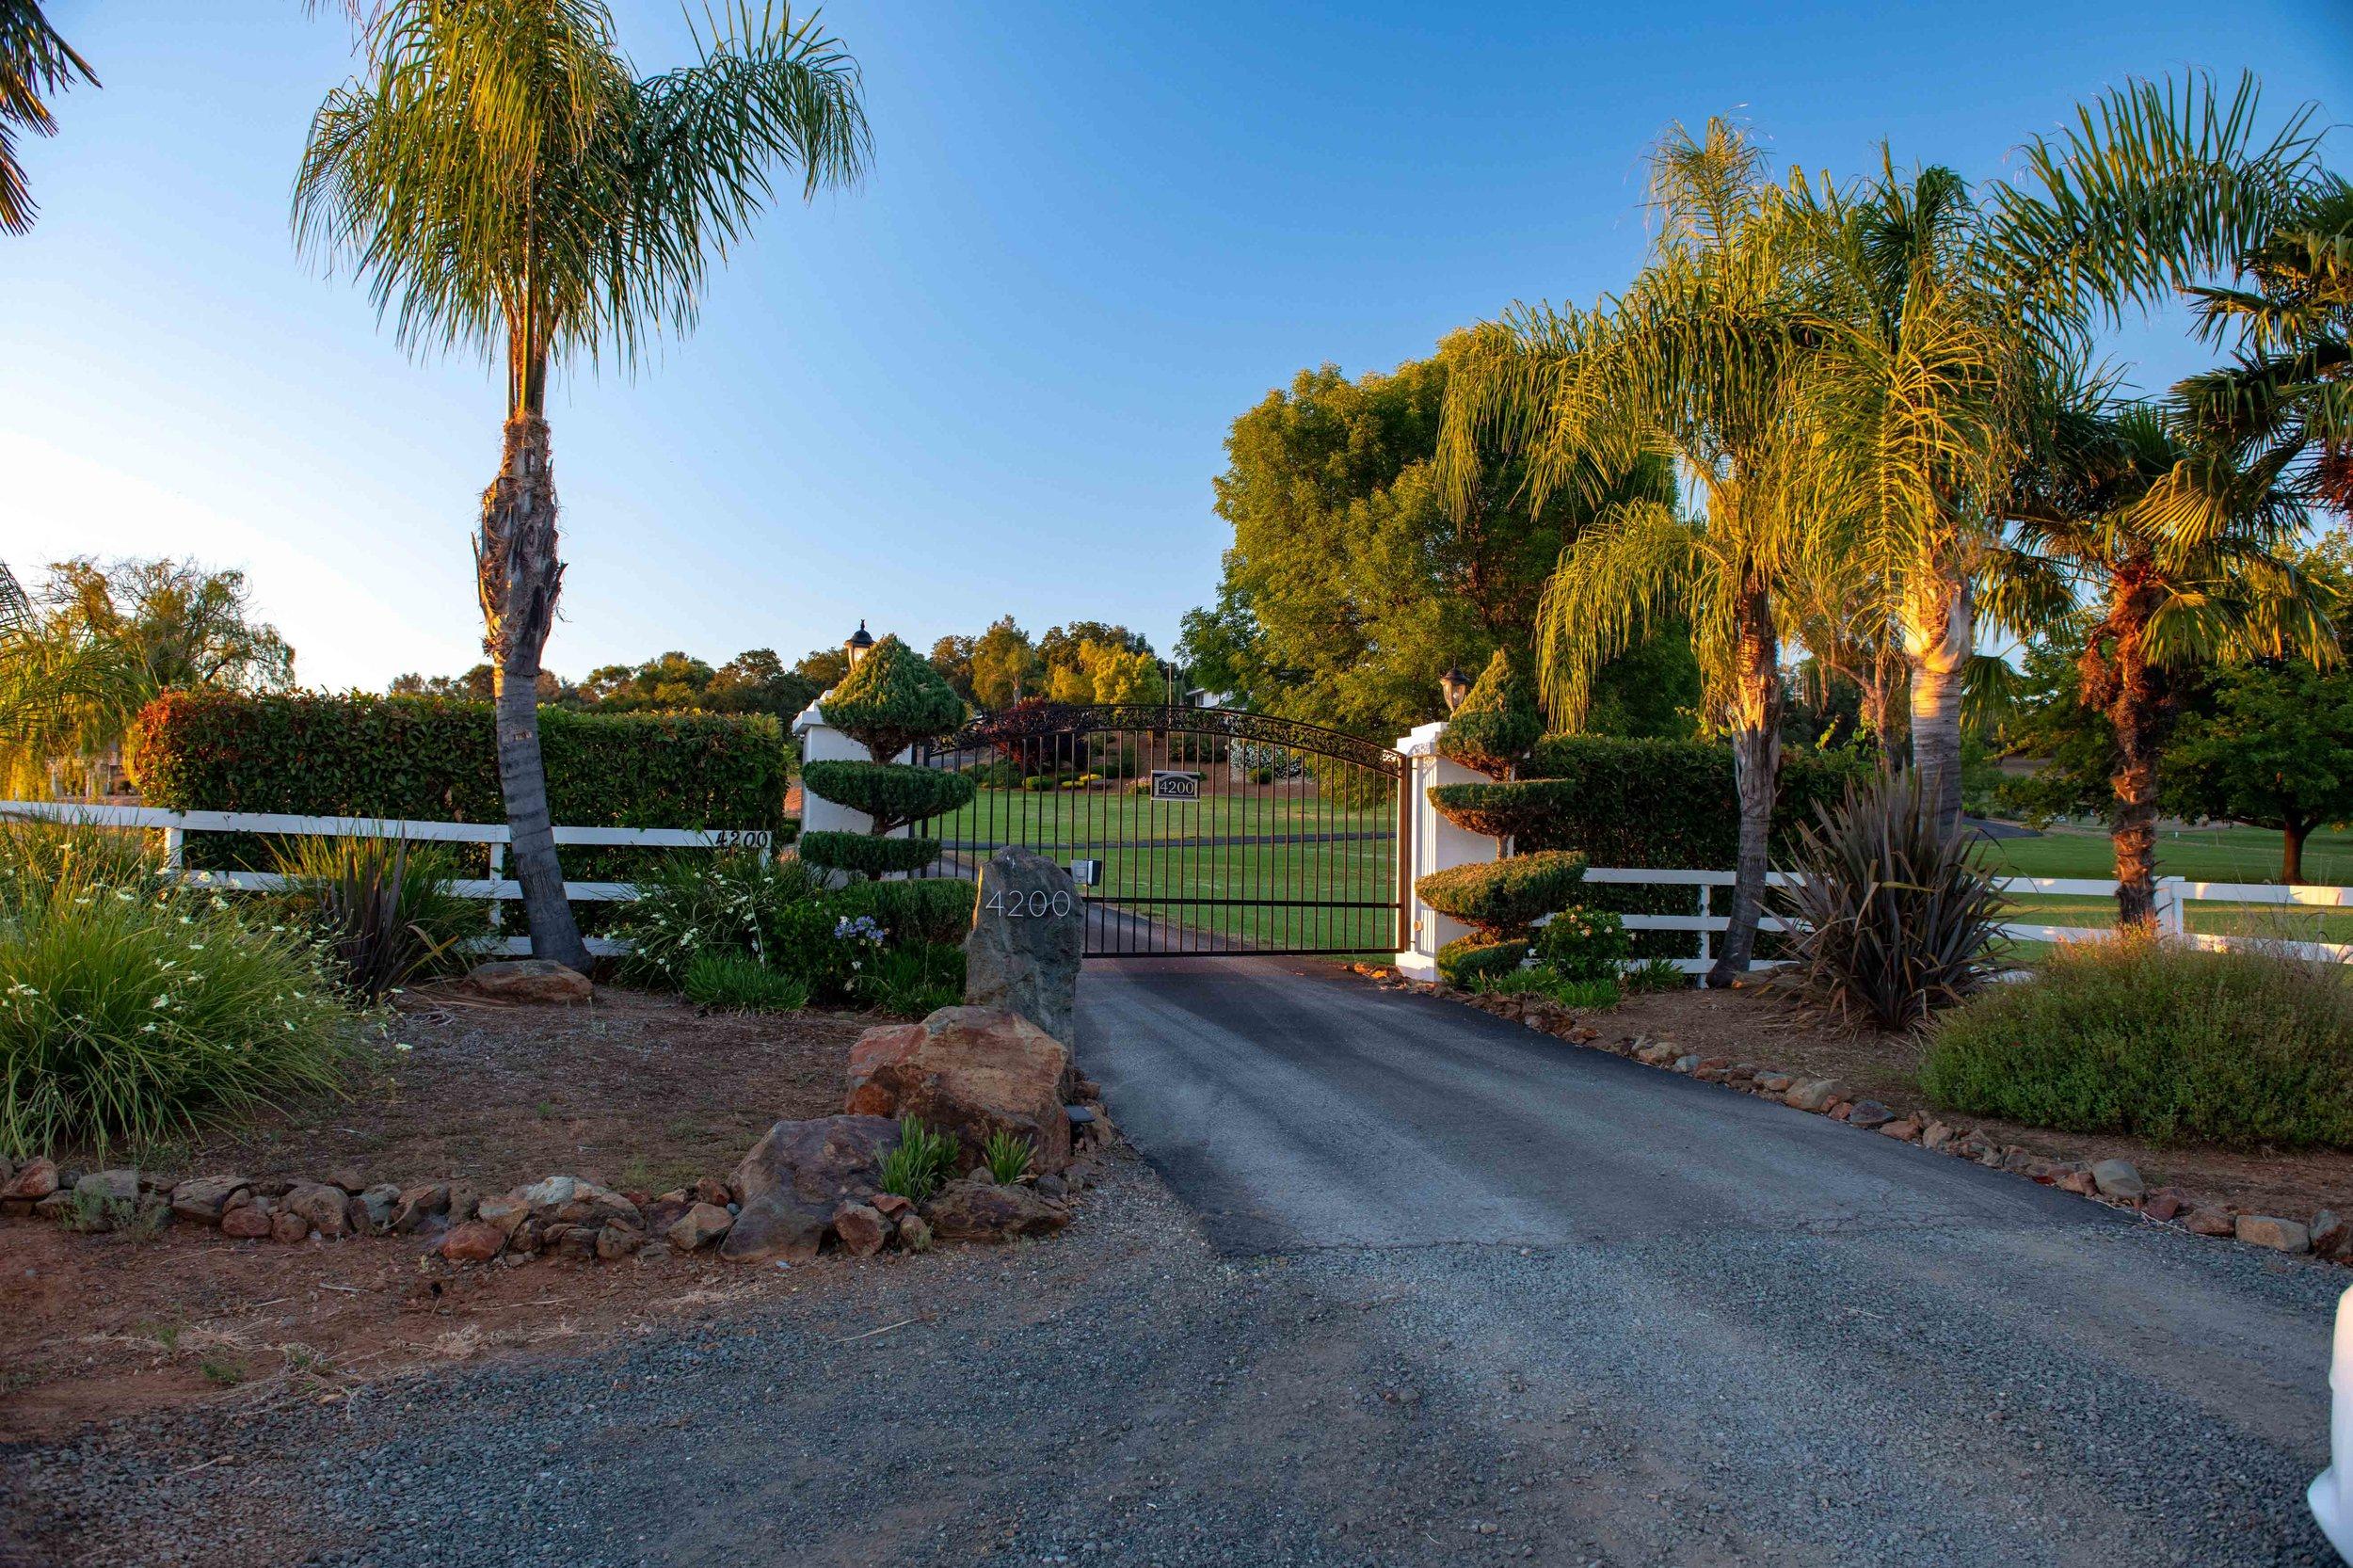 4200 Oak Valley Drive - Twilight 2.jpg